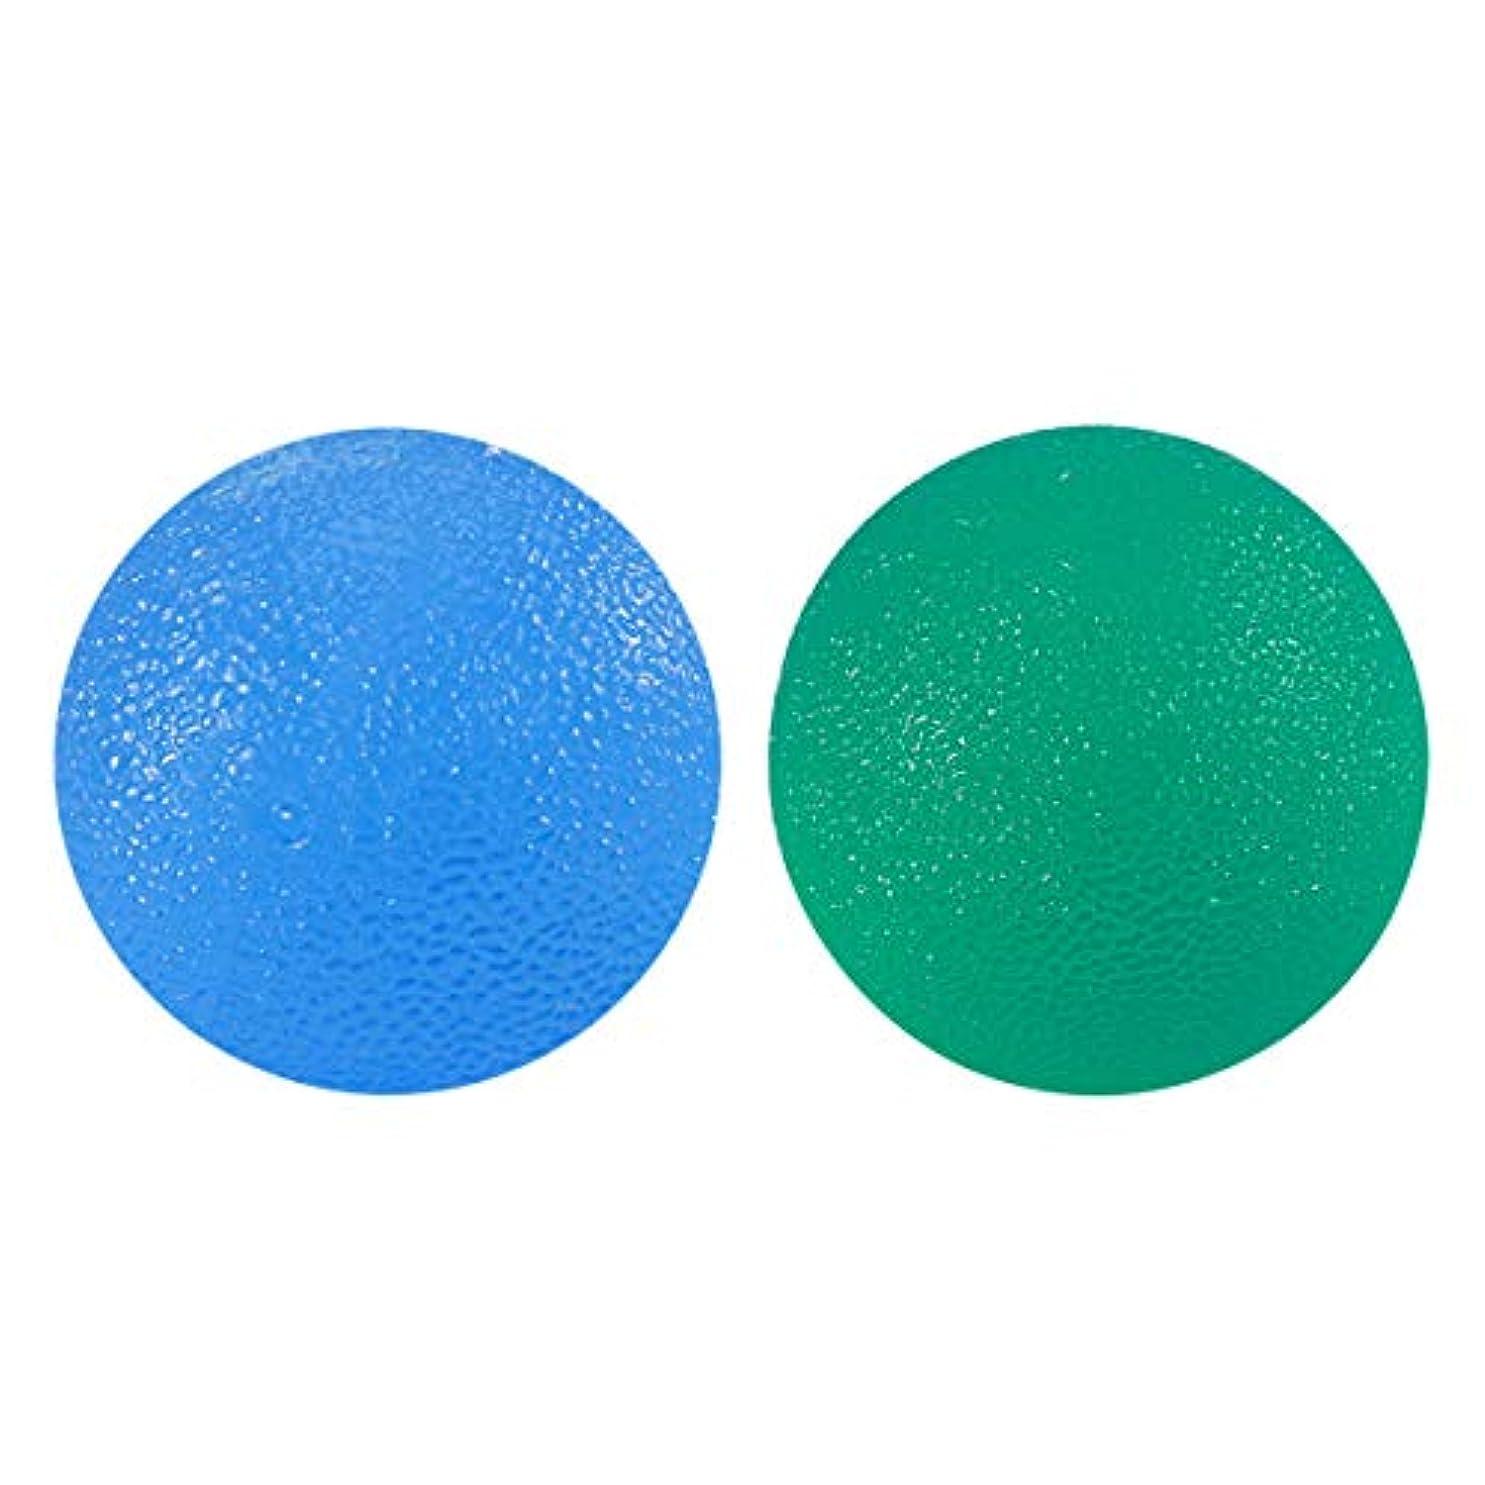 ベール一般化する法律によりROSENICE フィンガーセラピーボールエクササイズボールハンドリハビリトレインボール2個